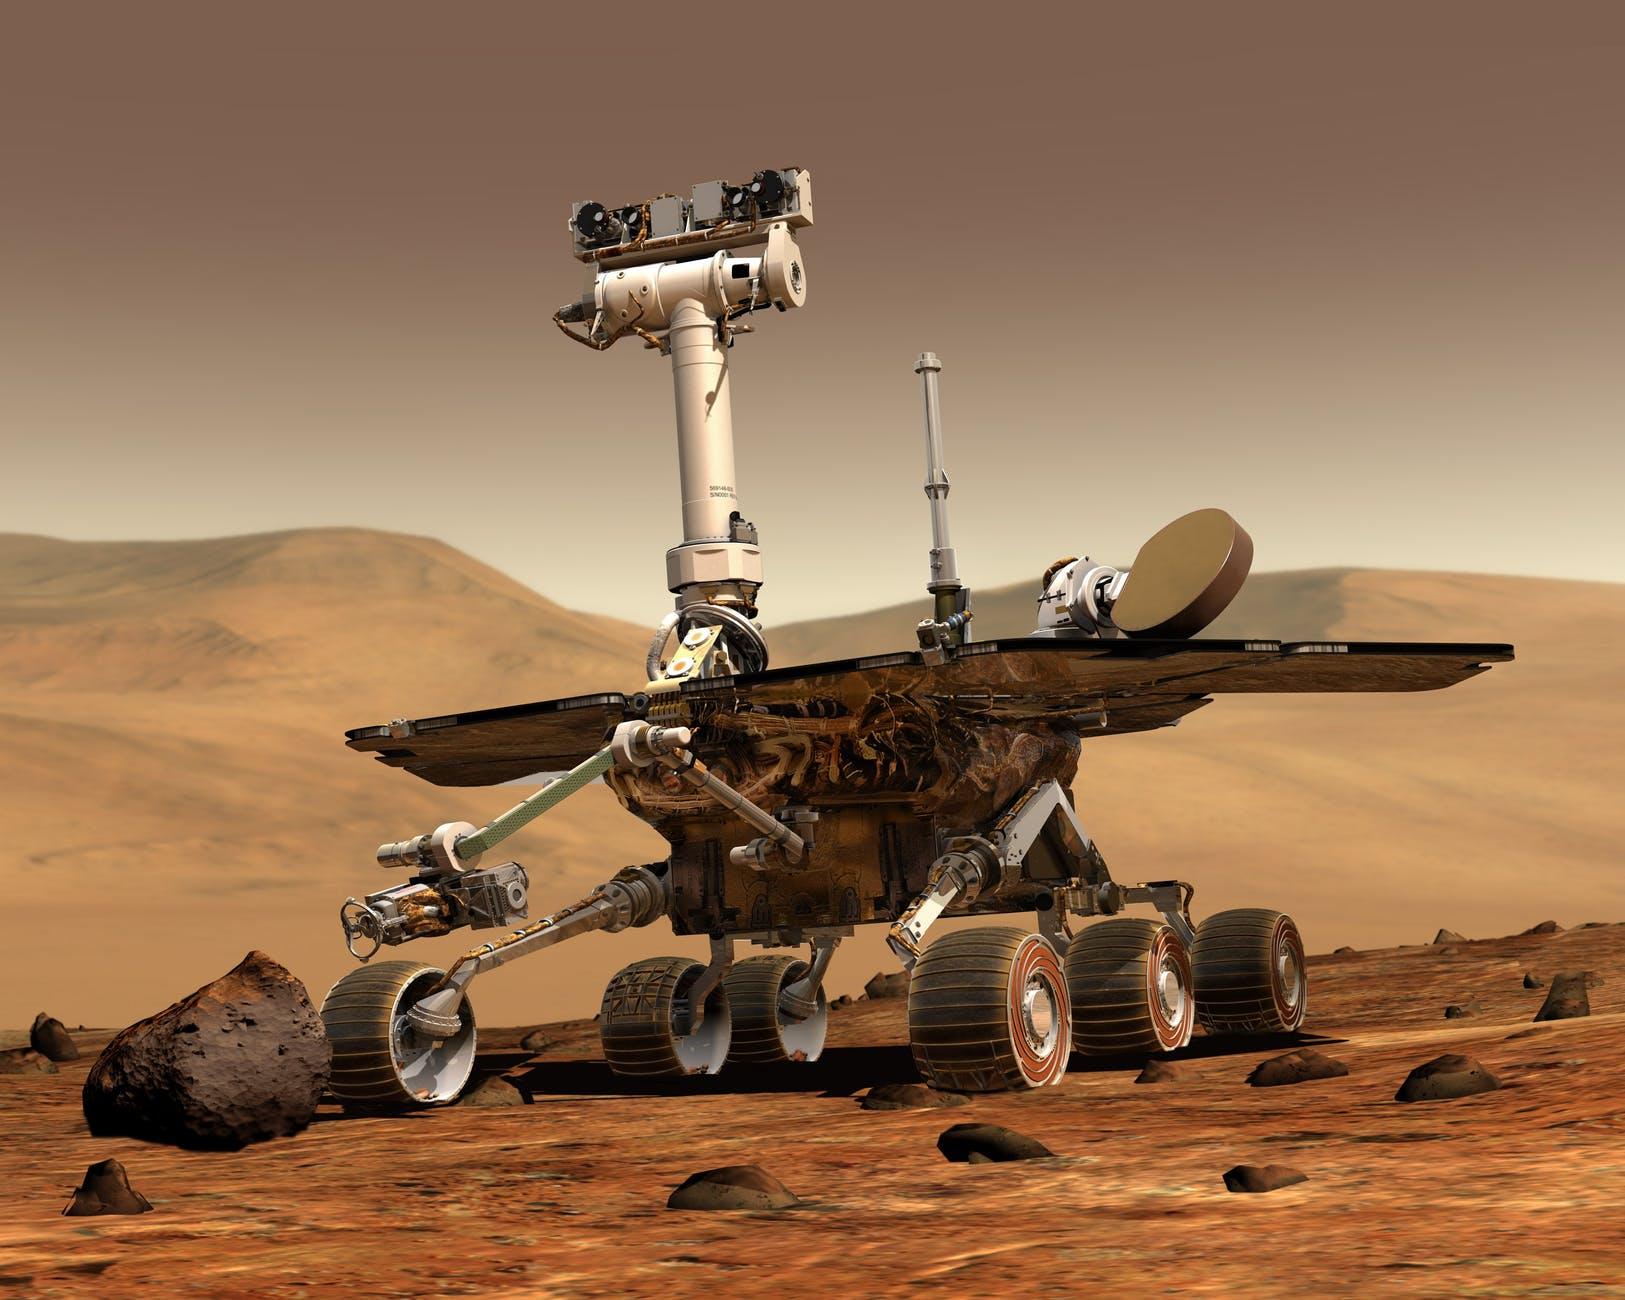 Vous attendez-vous à ce que les humains mettent le pied sur Mars dans un proche avenir?